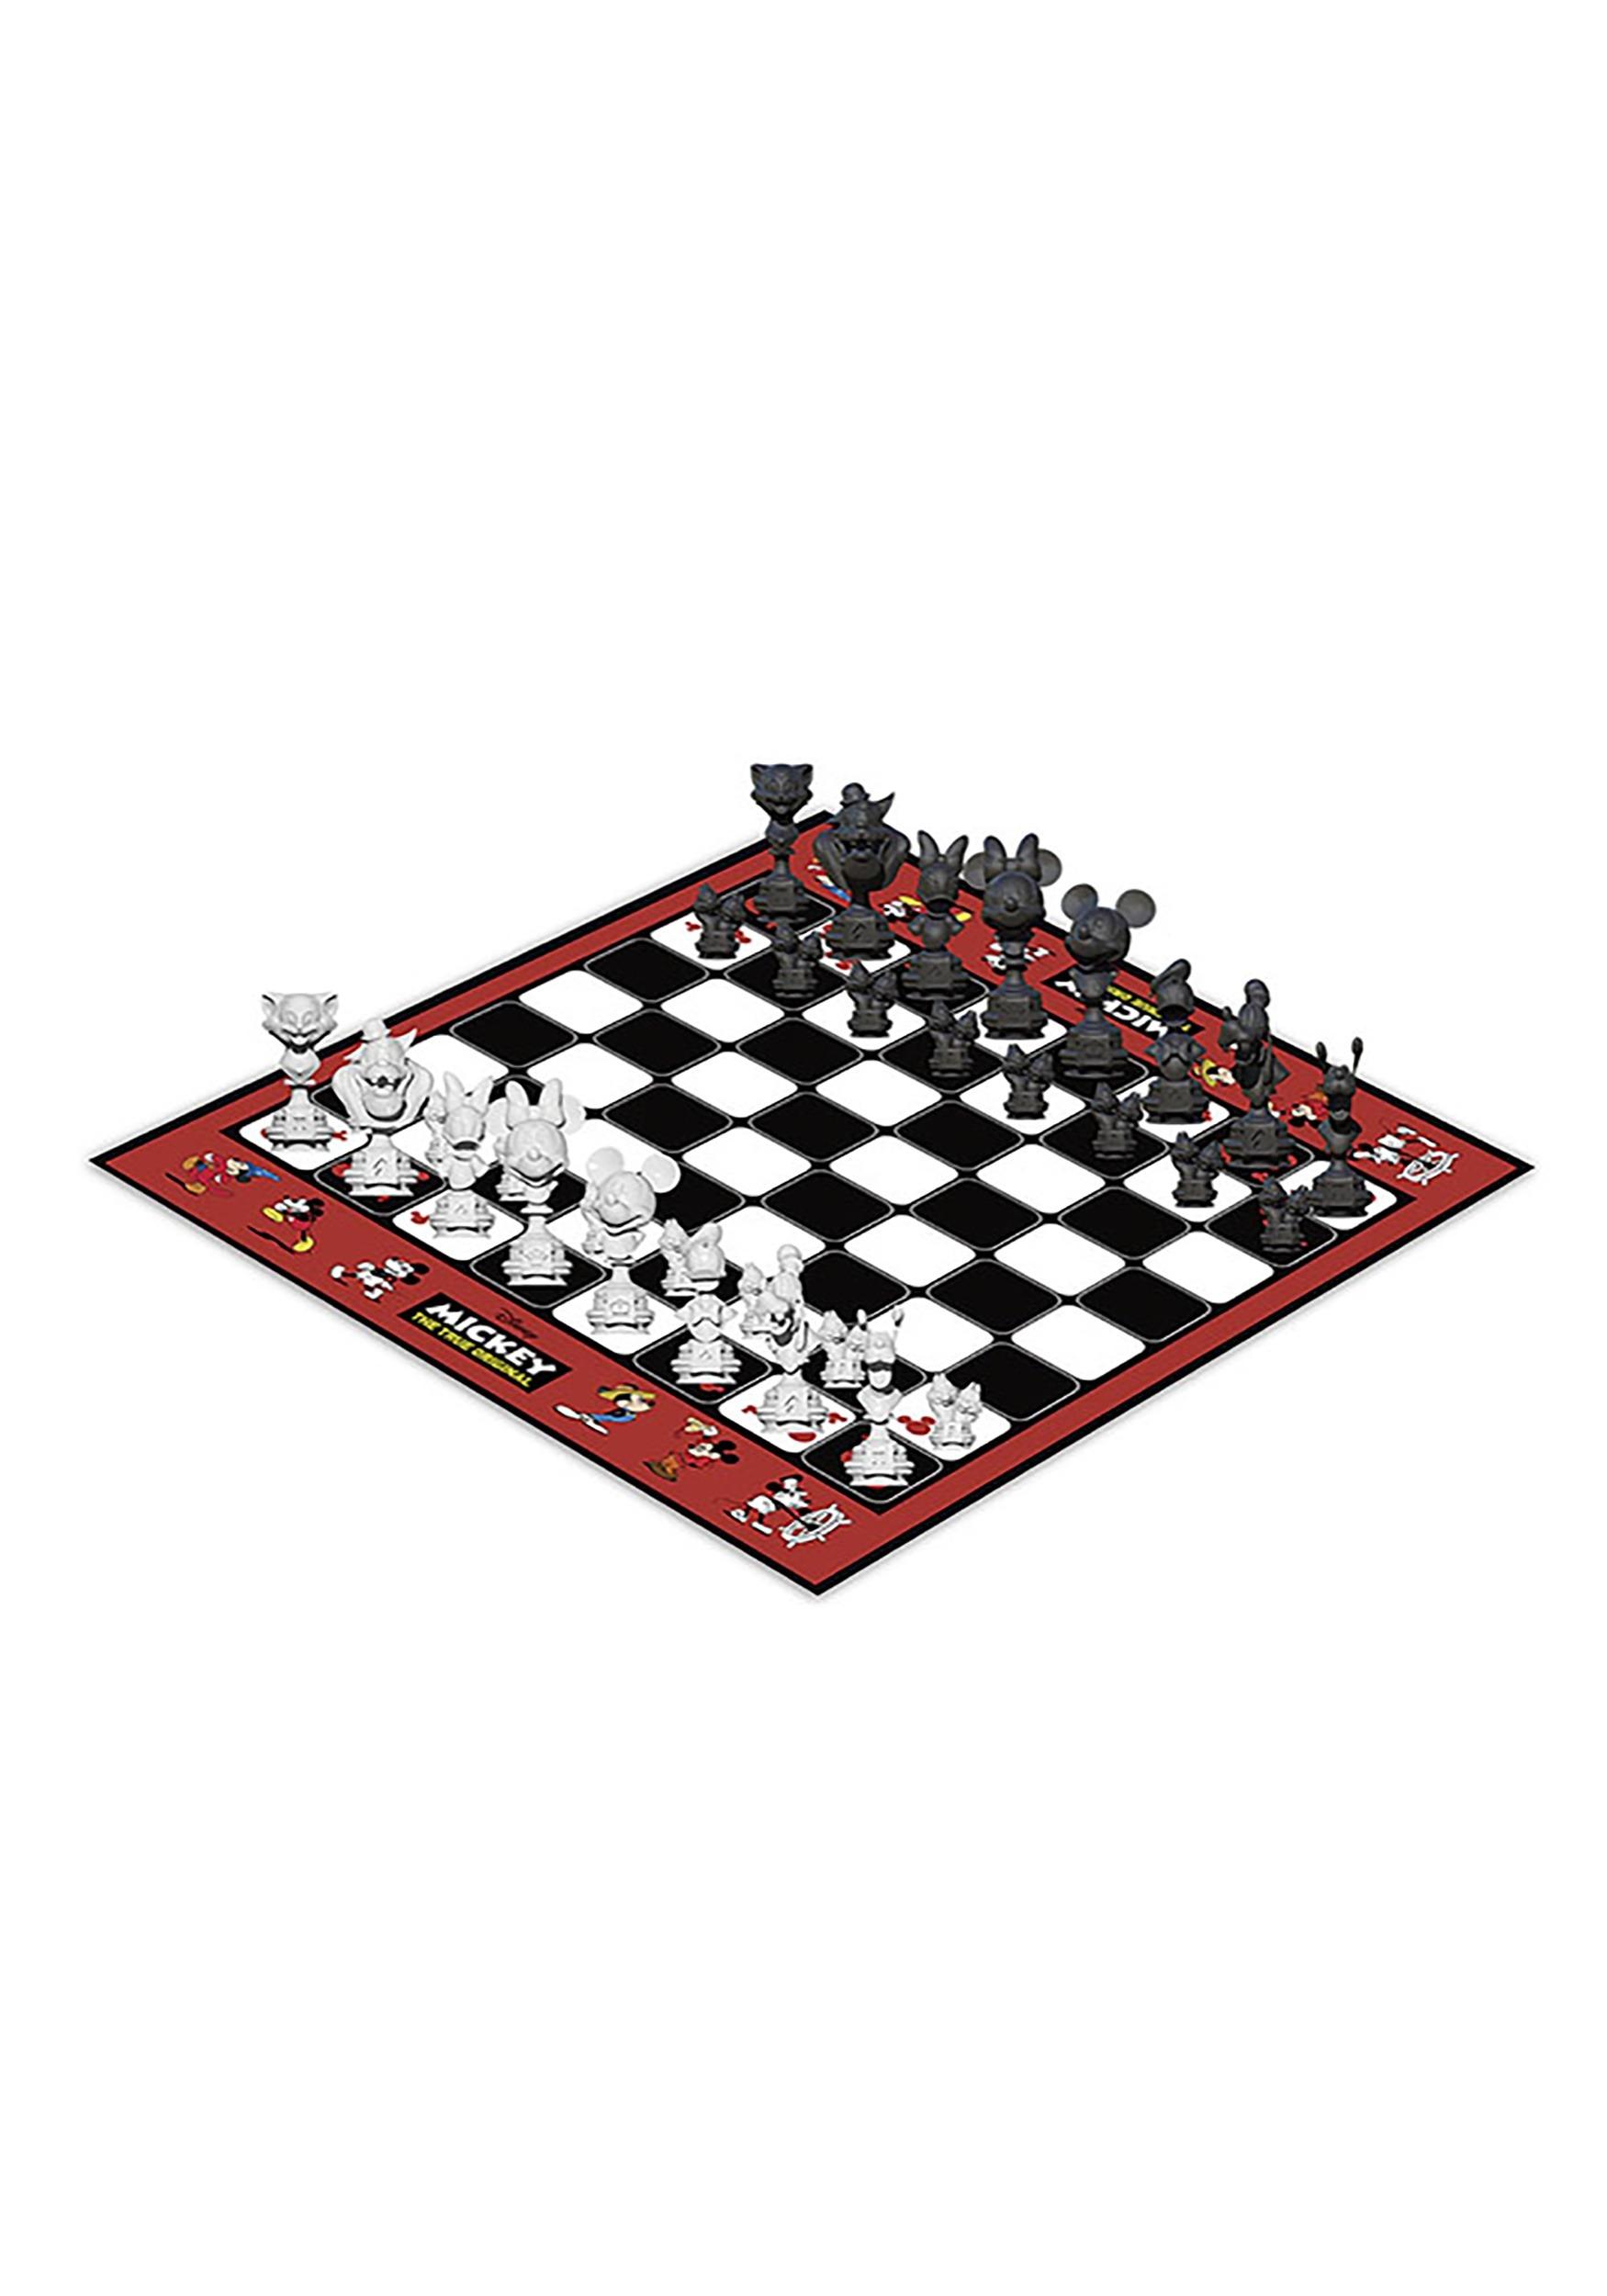 Mickey the True Original 90 years of Magic Chess Set